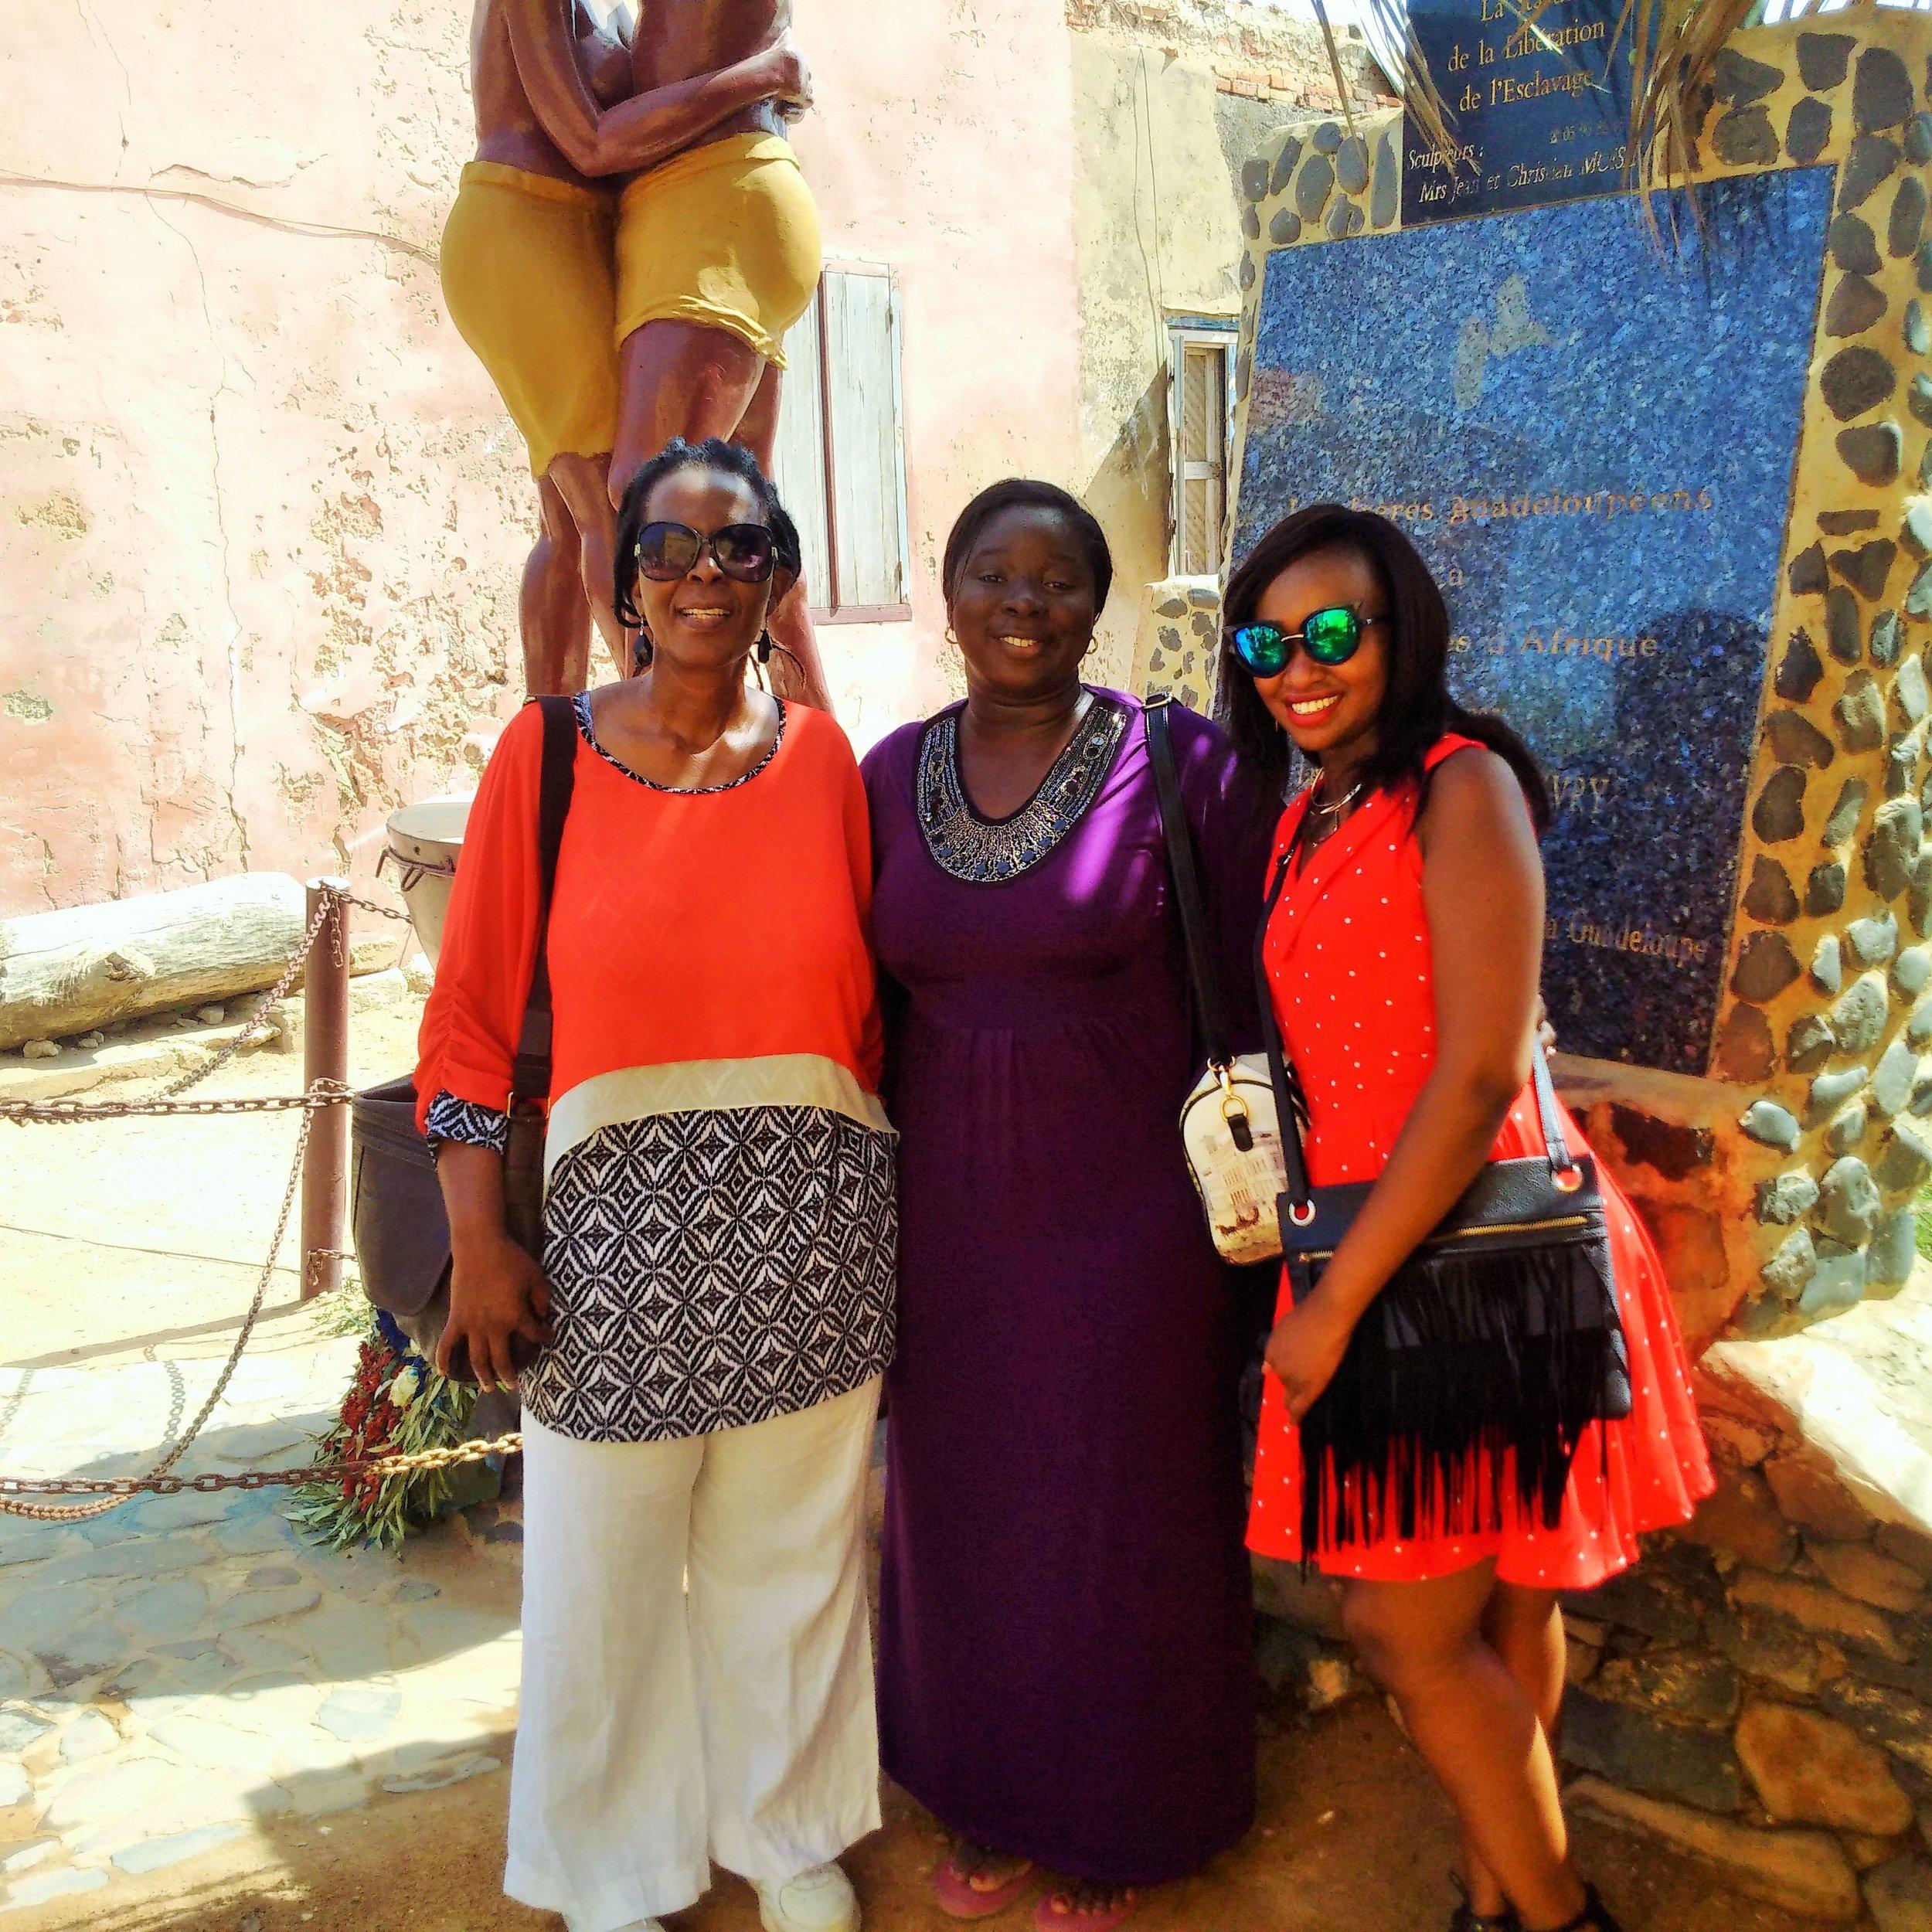 House of slaves | The Ajala Bug